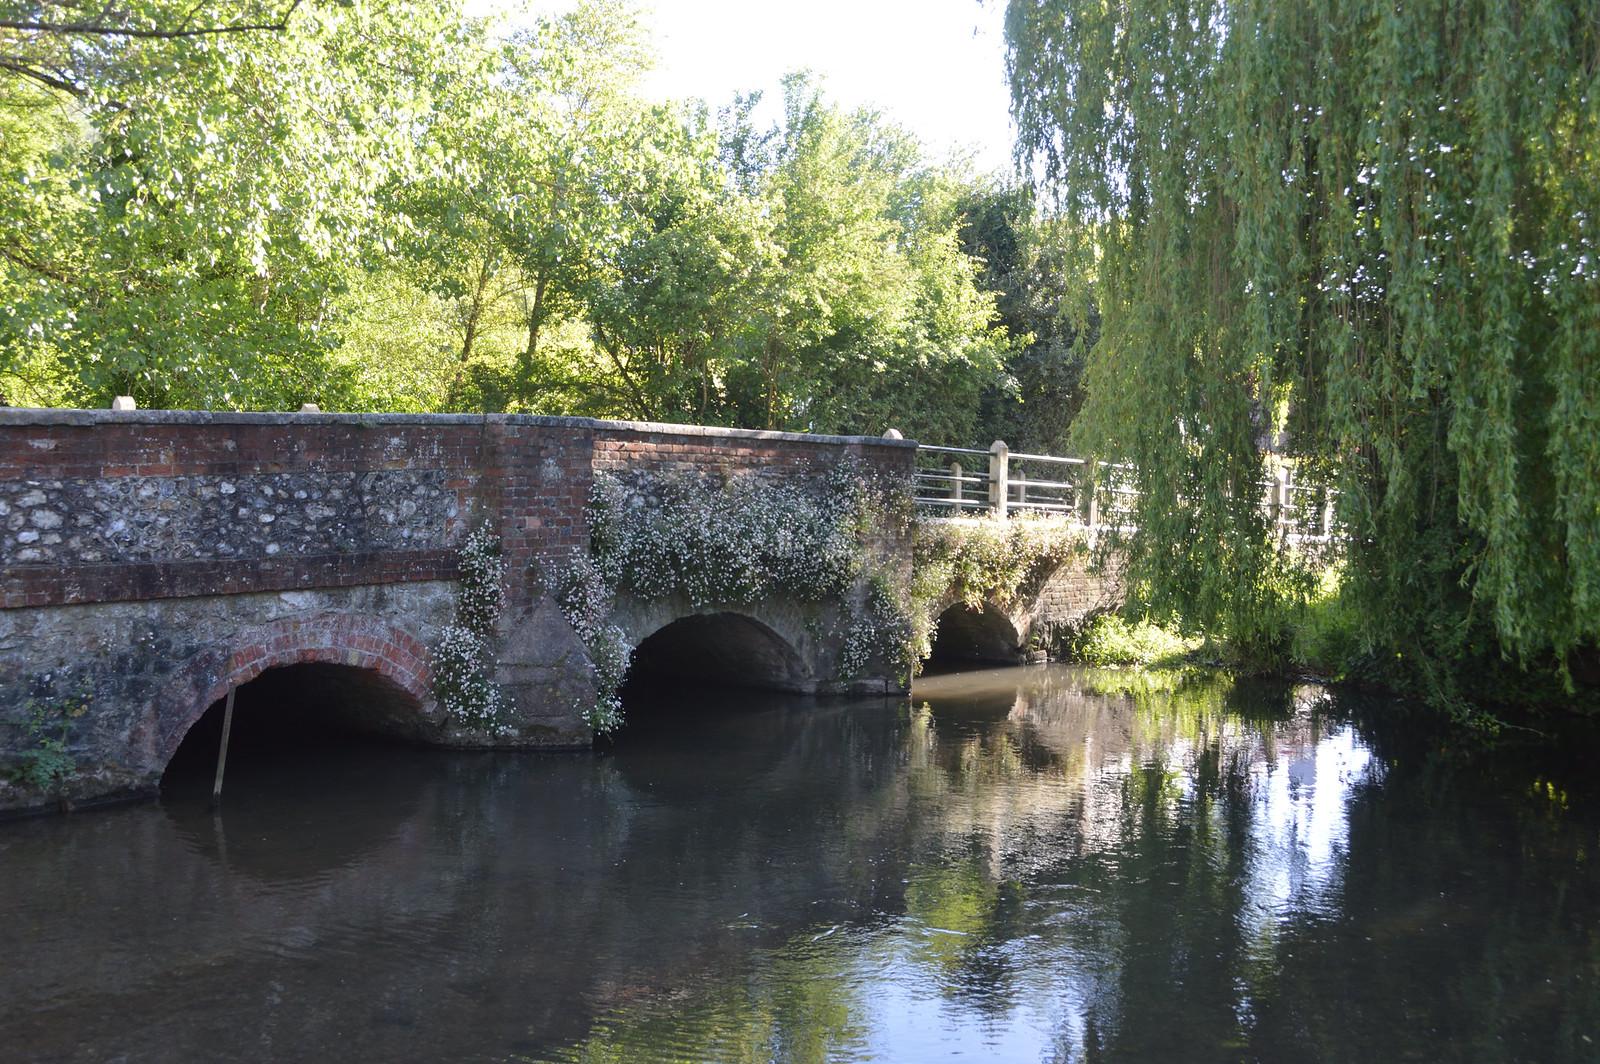 Shoreham Bridge over River Darent